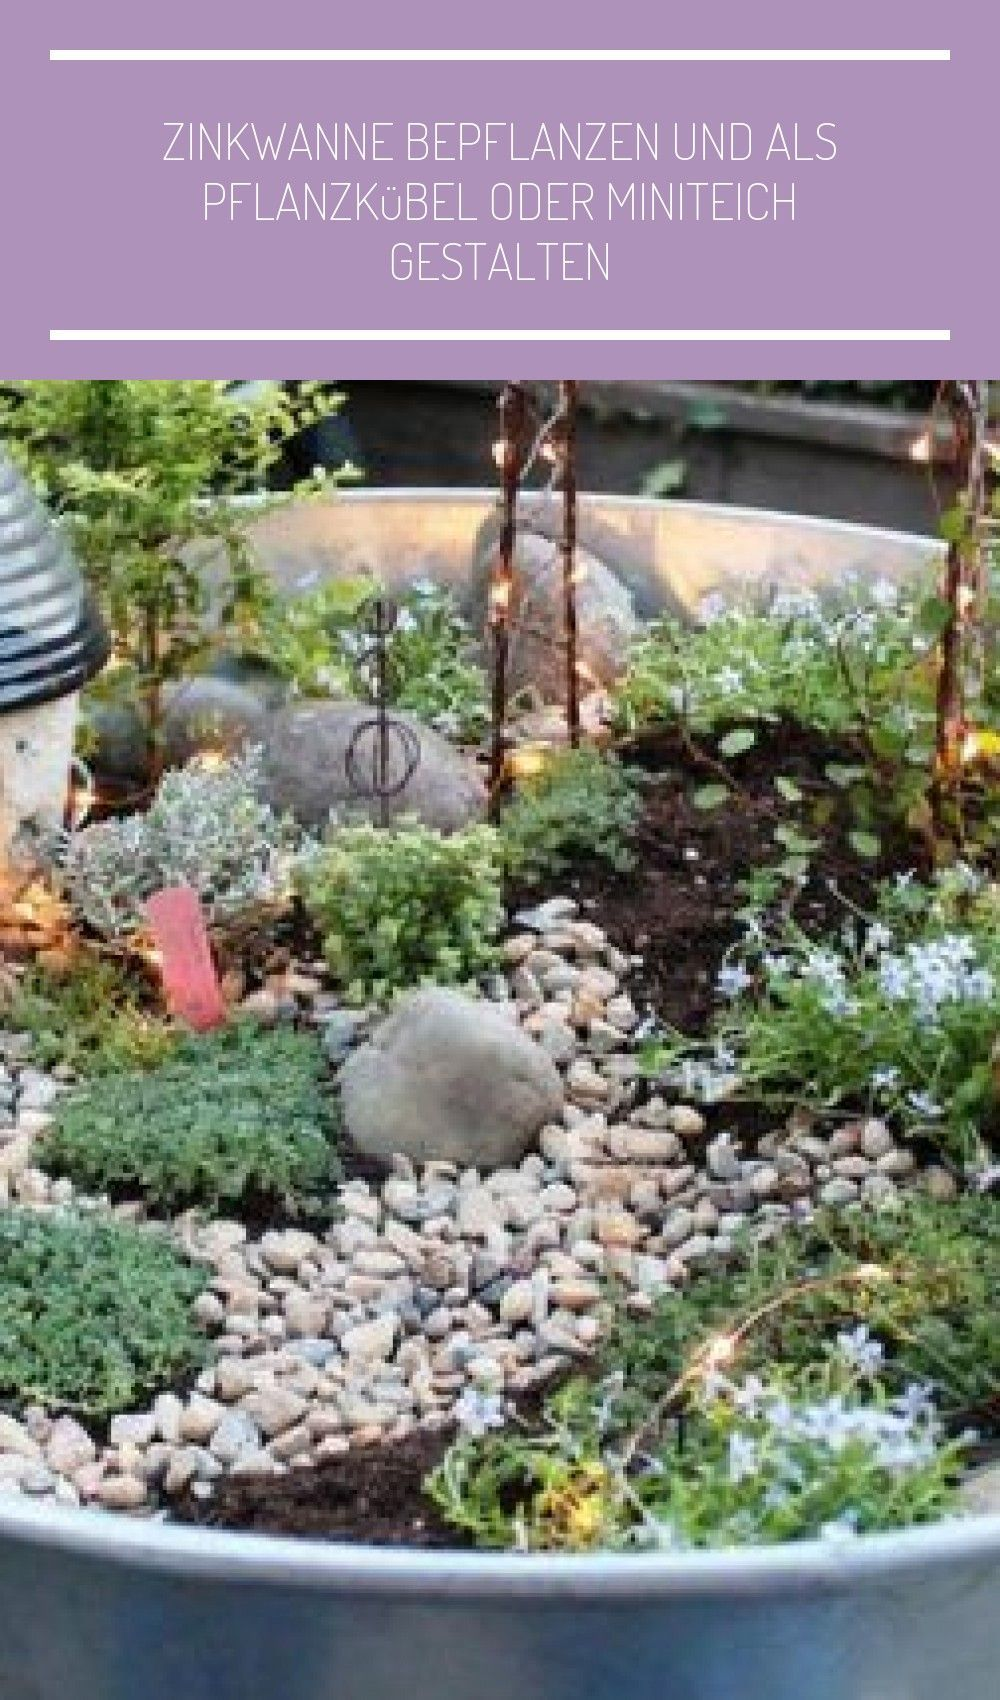 Zinkwanne Bepflanzen Mini In 2020 Zinkwanne Bepflanzen Zinkwanne Mini